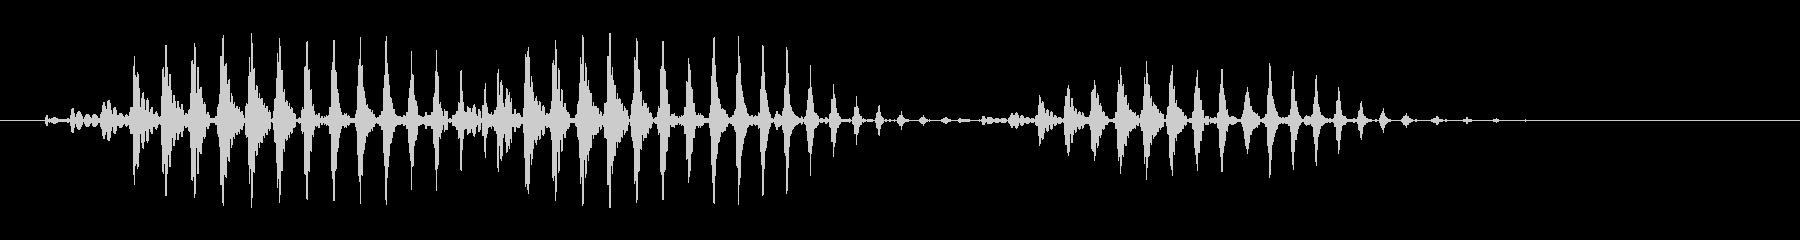 ブワワ(シンプルな単音の効果音)の未再生の波形